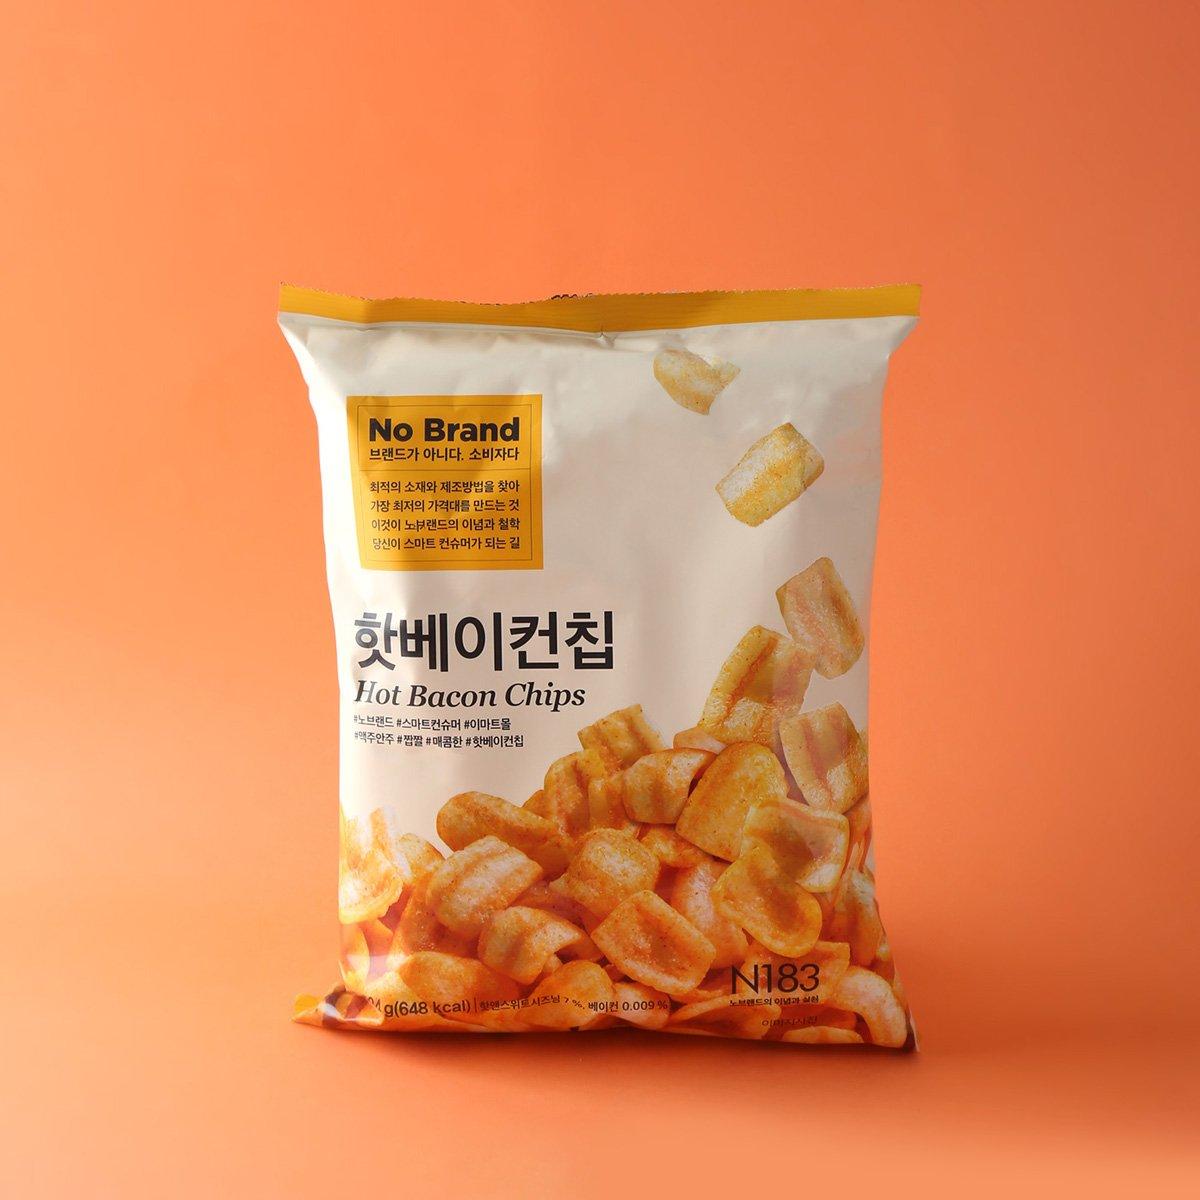 [노브랜드] 핫 베이컨 칩 124g